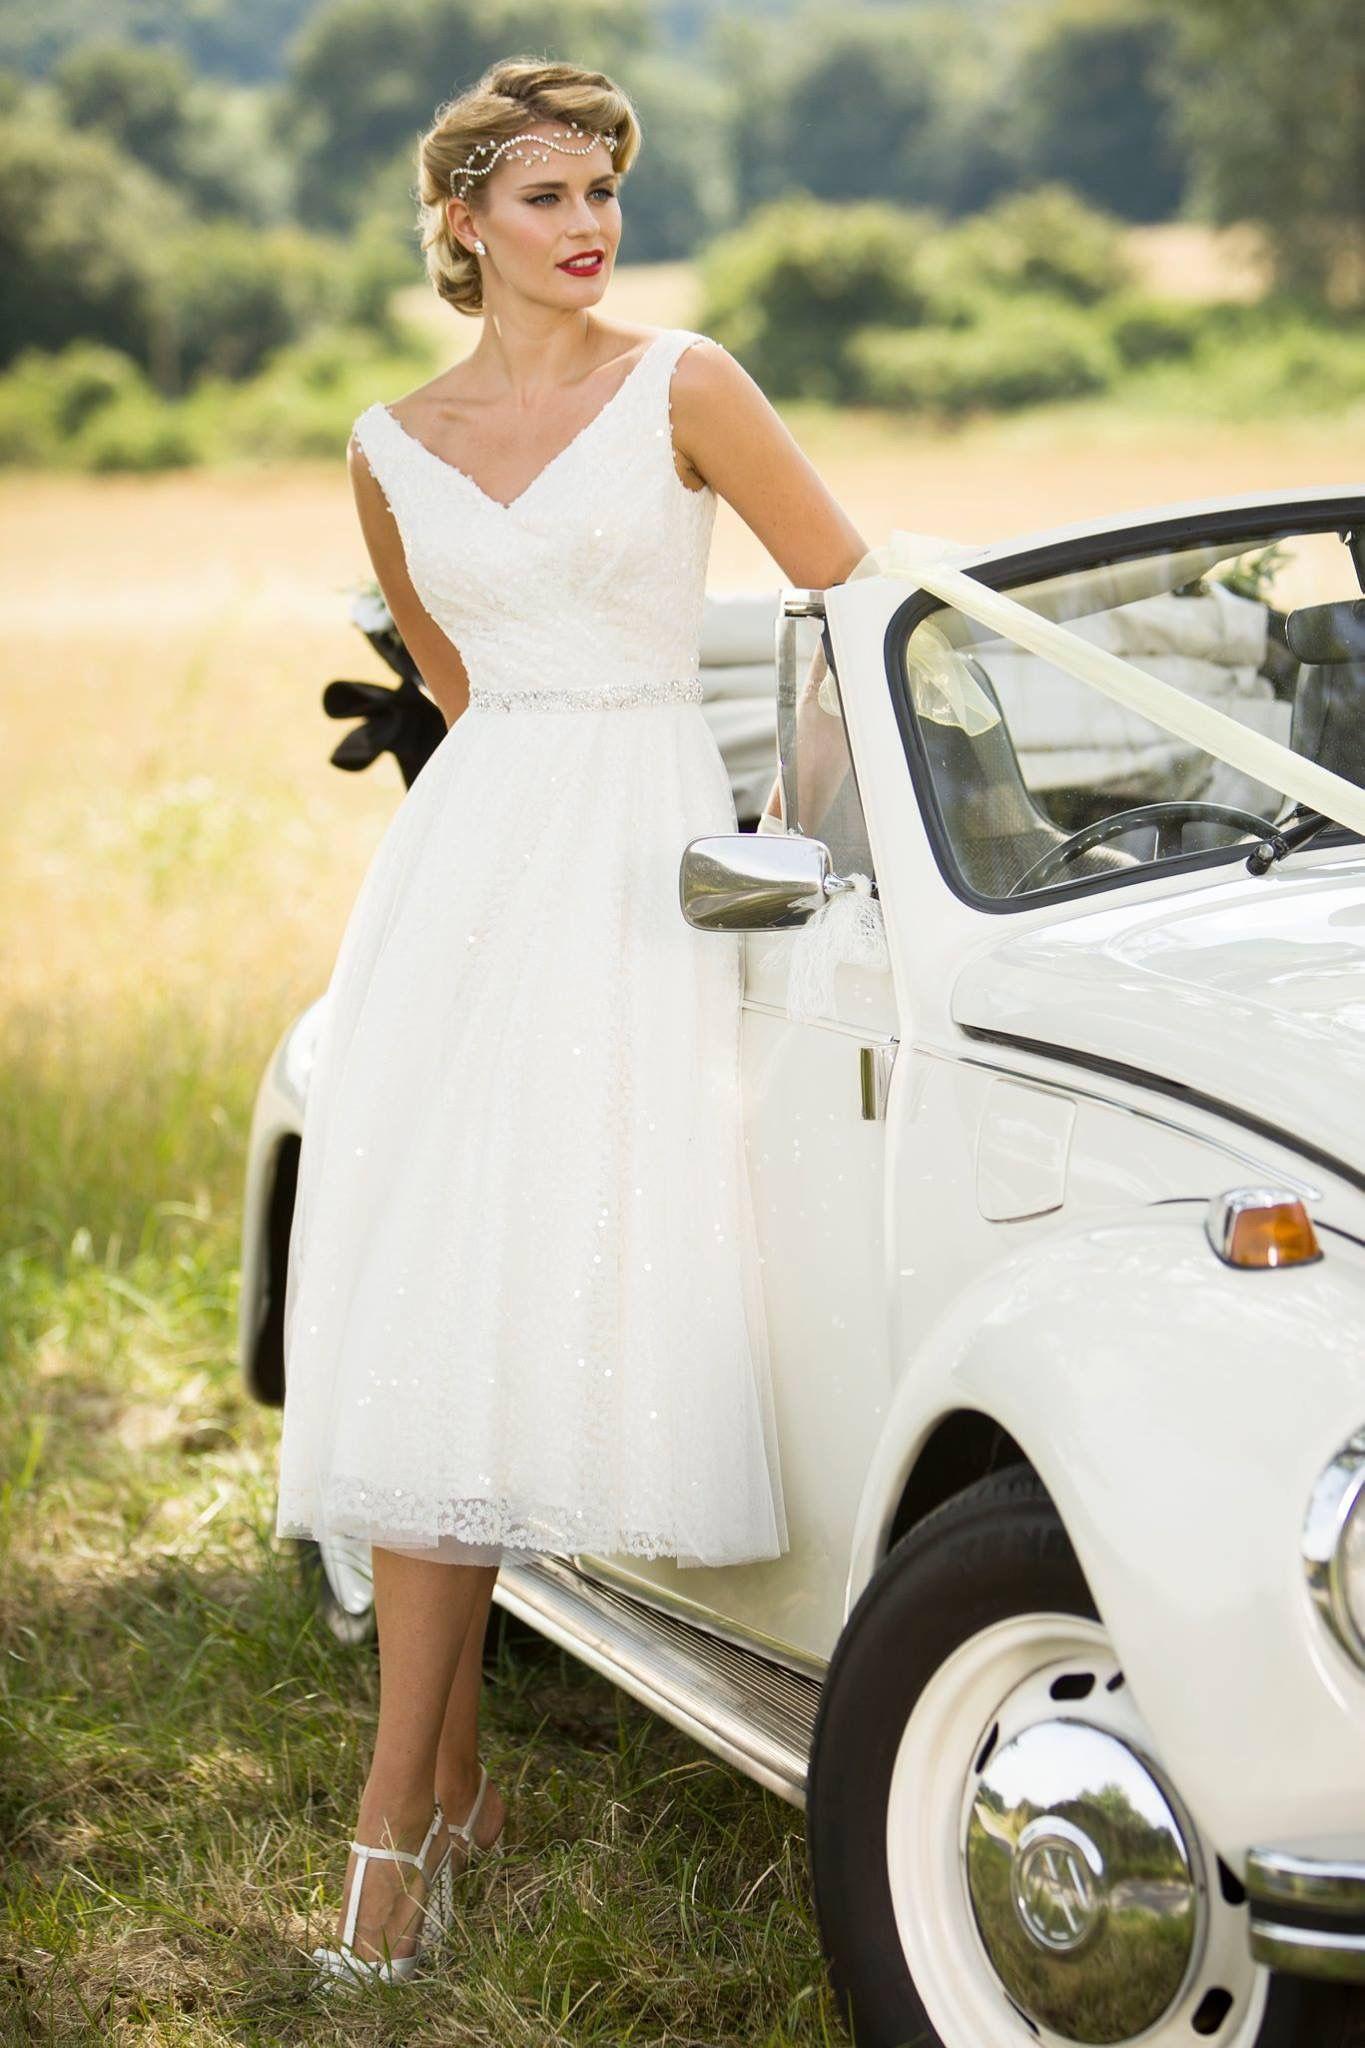 Pin By Julia Rose On Someday Belle Wedding Dresses Vintage Inspired Wedding Dresses Wedding Dresses [ 2048 x 1365 Pixel ]